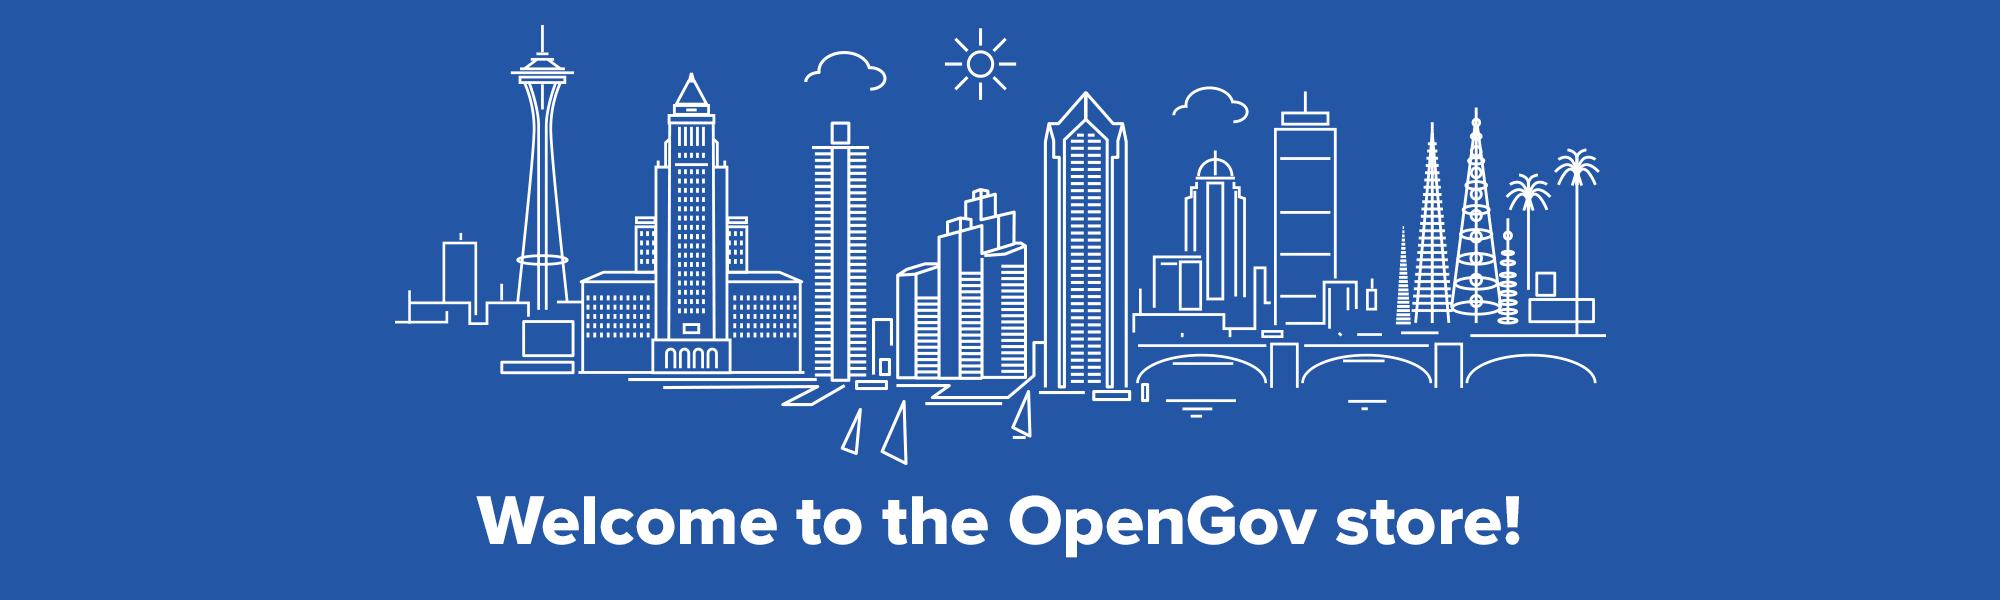 Opengov banner